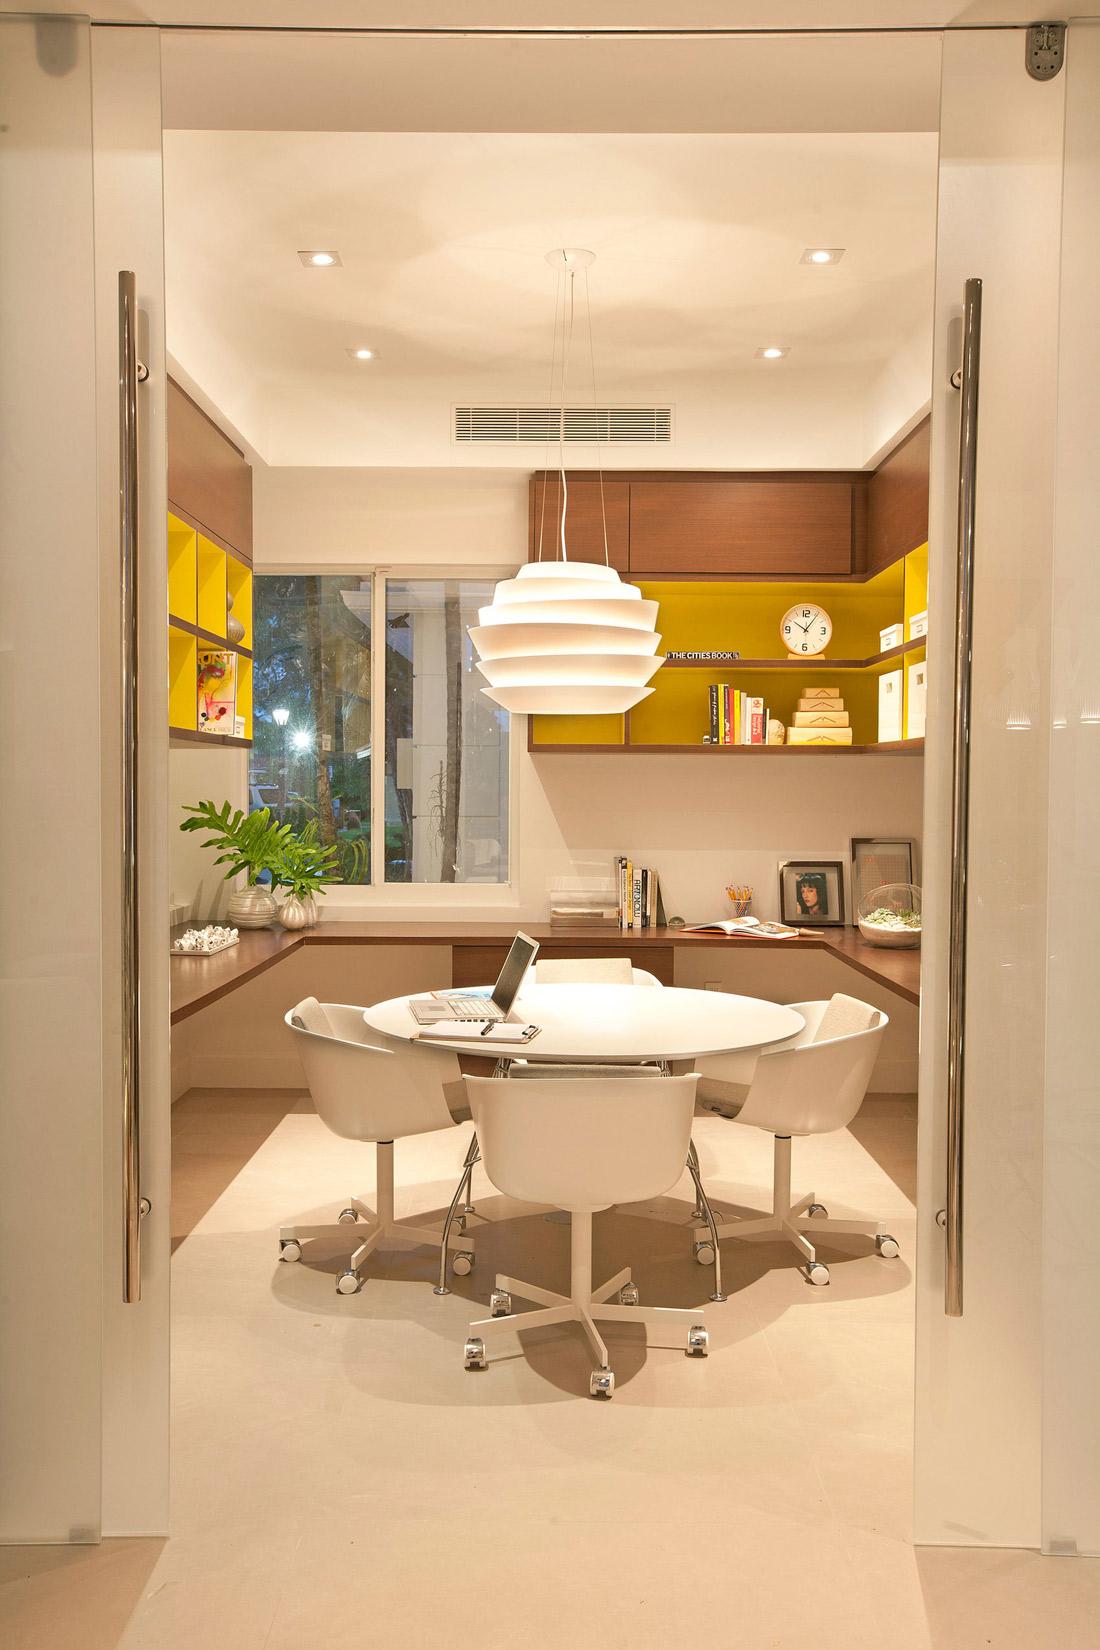 Home Office, Stylish Interior Design in Miami, Florida